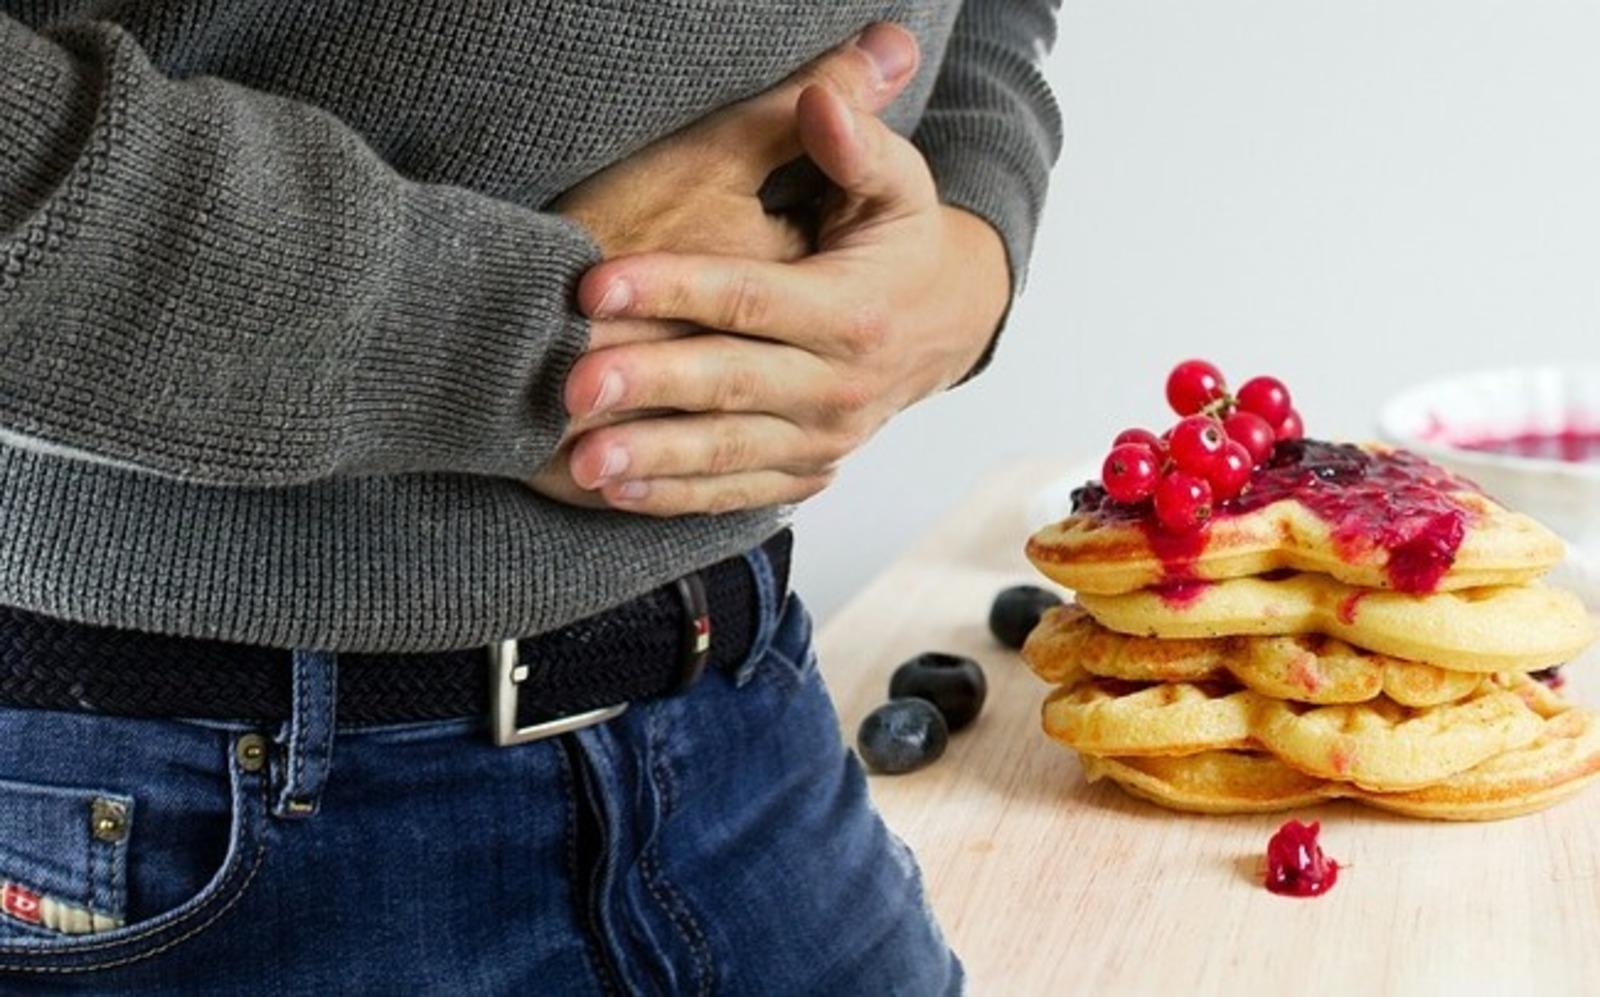 Немецкий врач перечислил три самых опасных продукта для кишечника